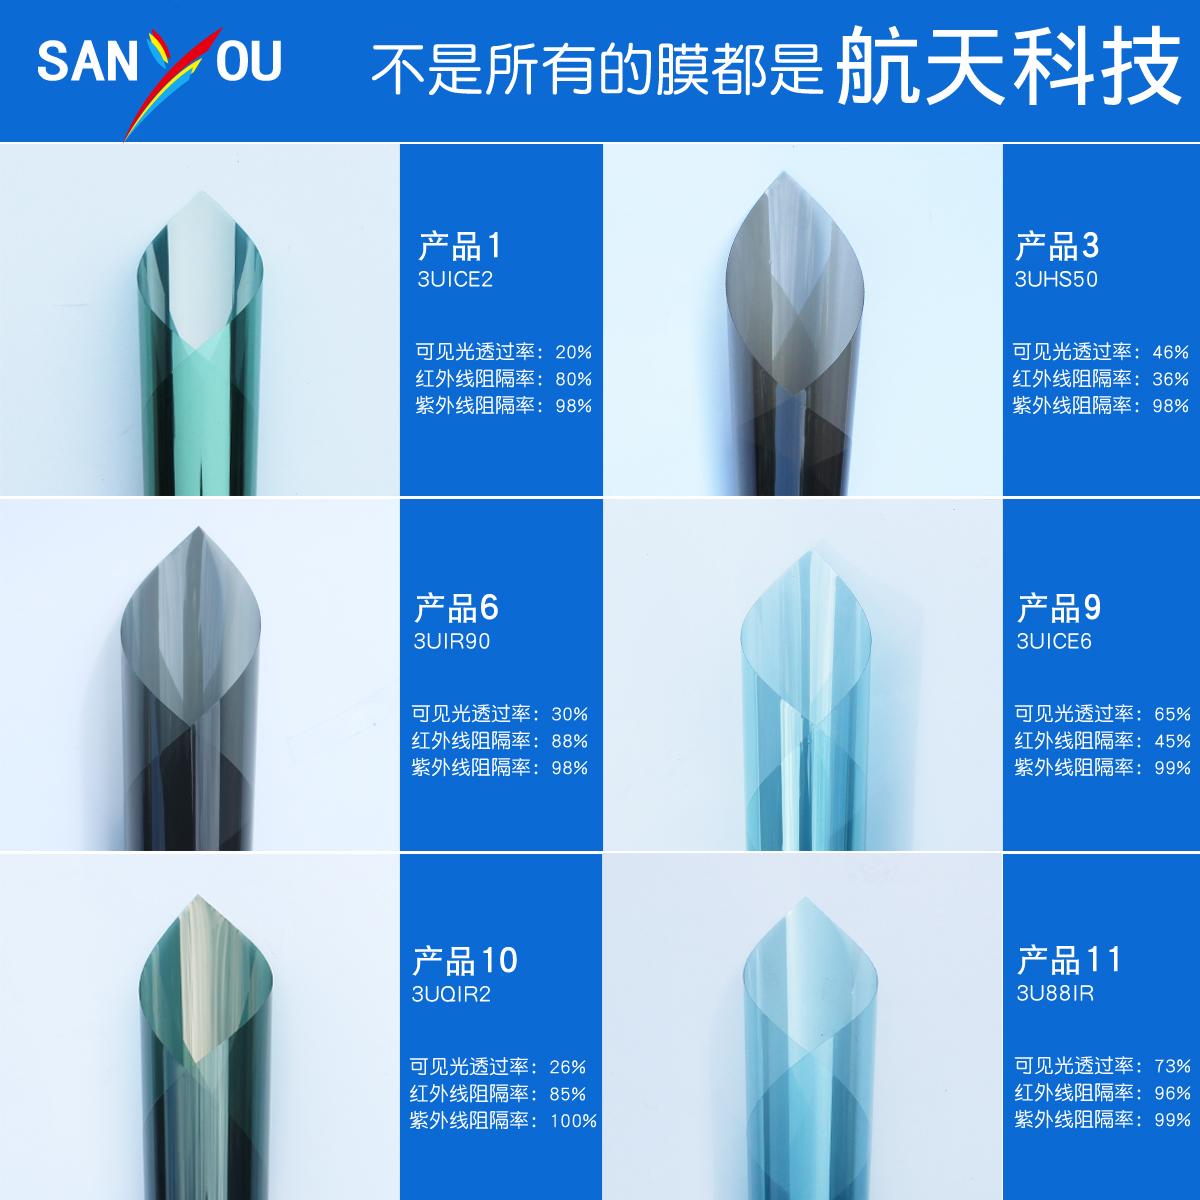 中国航天Sanyou建筑膜阳光房防晒隔热膜节能防爆家用窗户玻璃贴膜